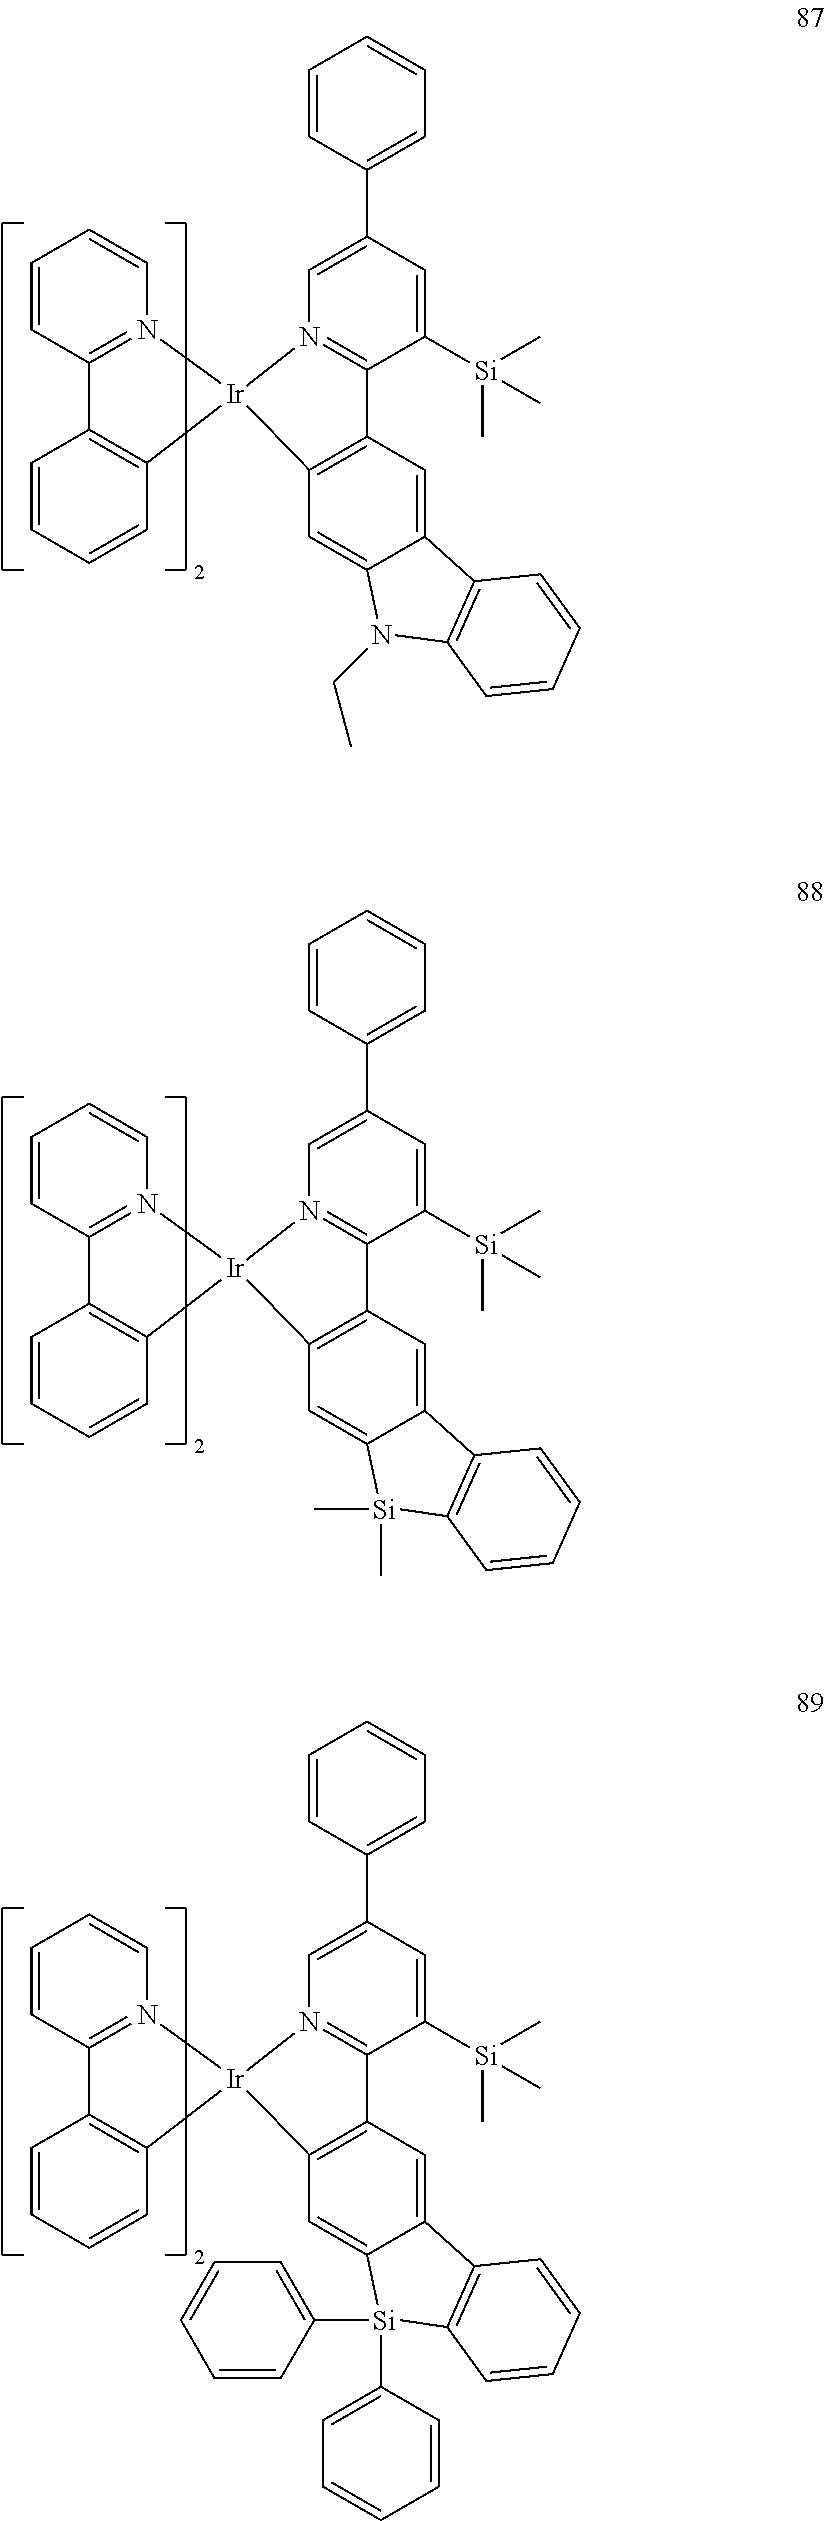 Figure US20160155962A1-20160602-C00355